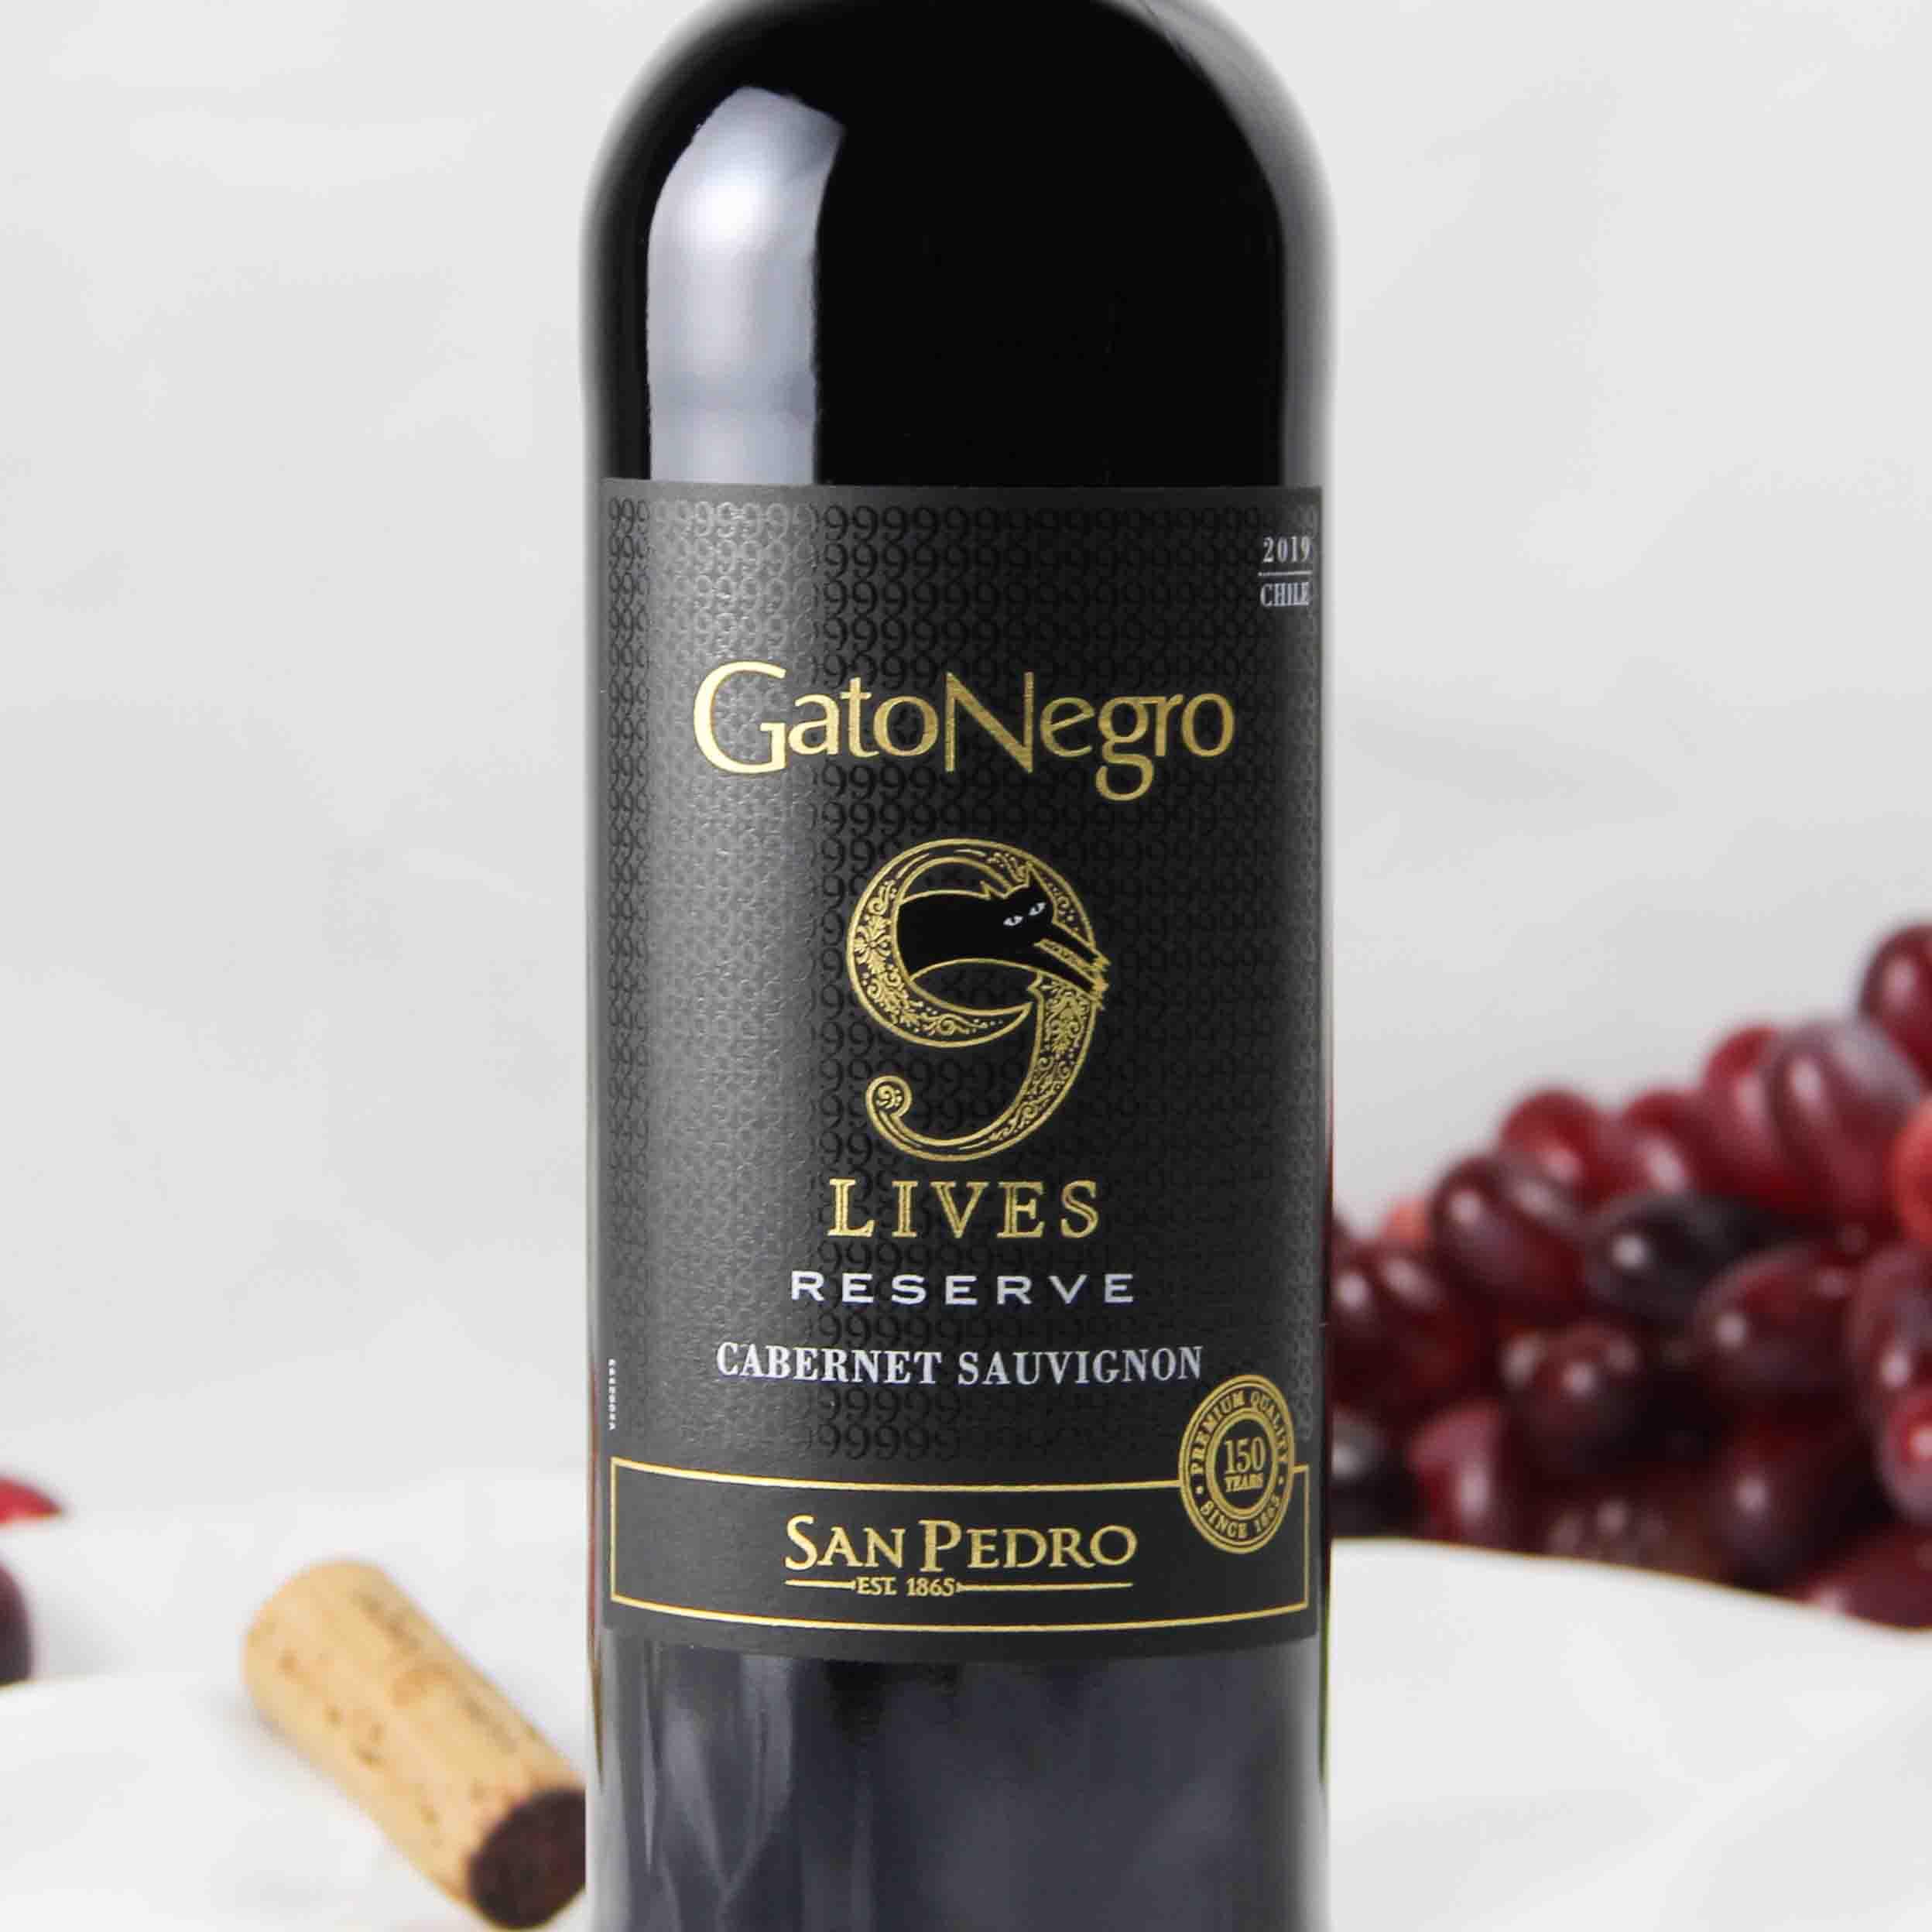 智利中央山谷黑猫赤霞珠九世珍藏红葡萄酒红酒